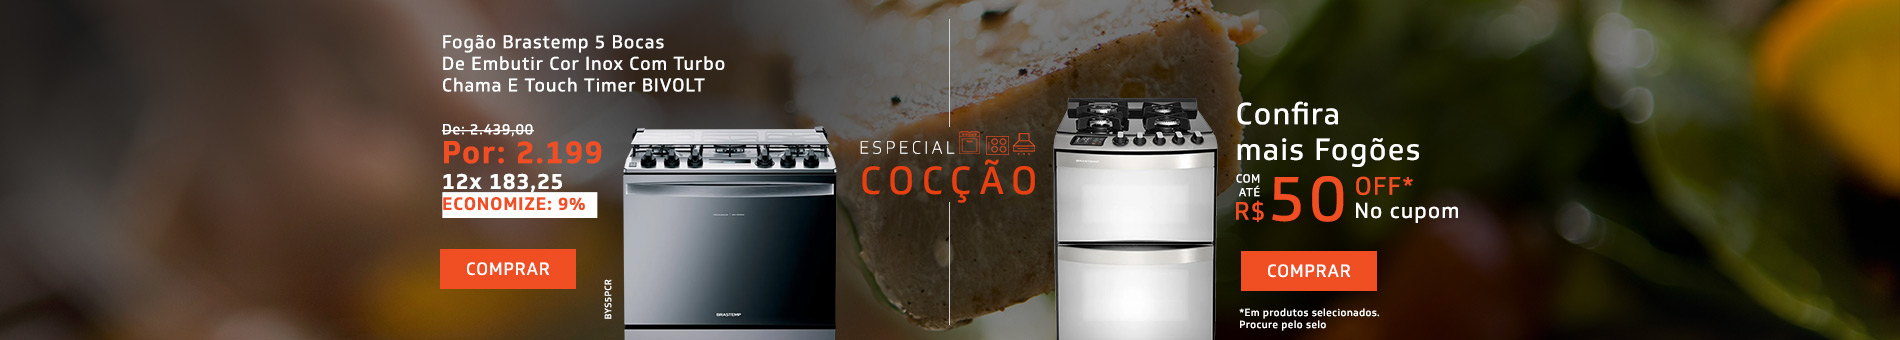 Promoção Interna - 2855 - campanha-coccao_BYS5PCR-fogoescupom-duplo_15022019_home3 - BYS5PCR-fogoescupom-duplo - 3